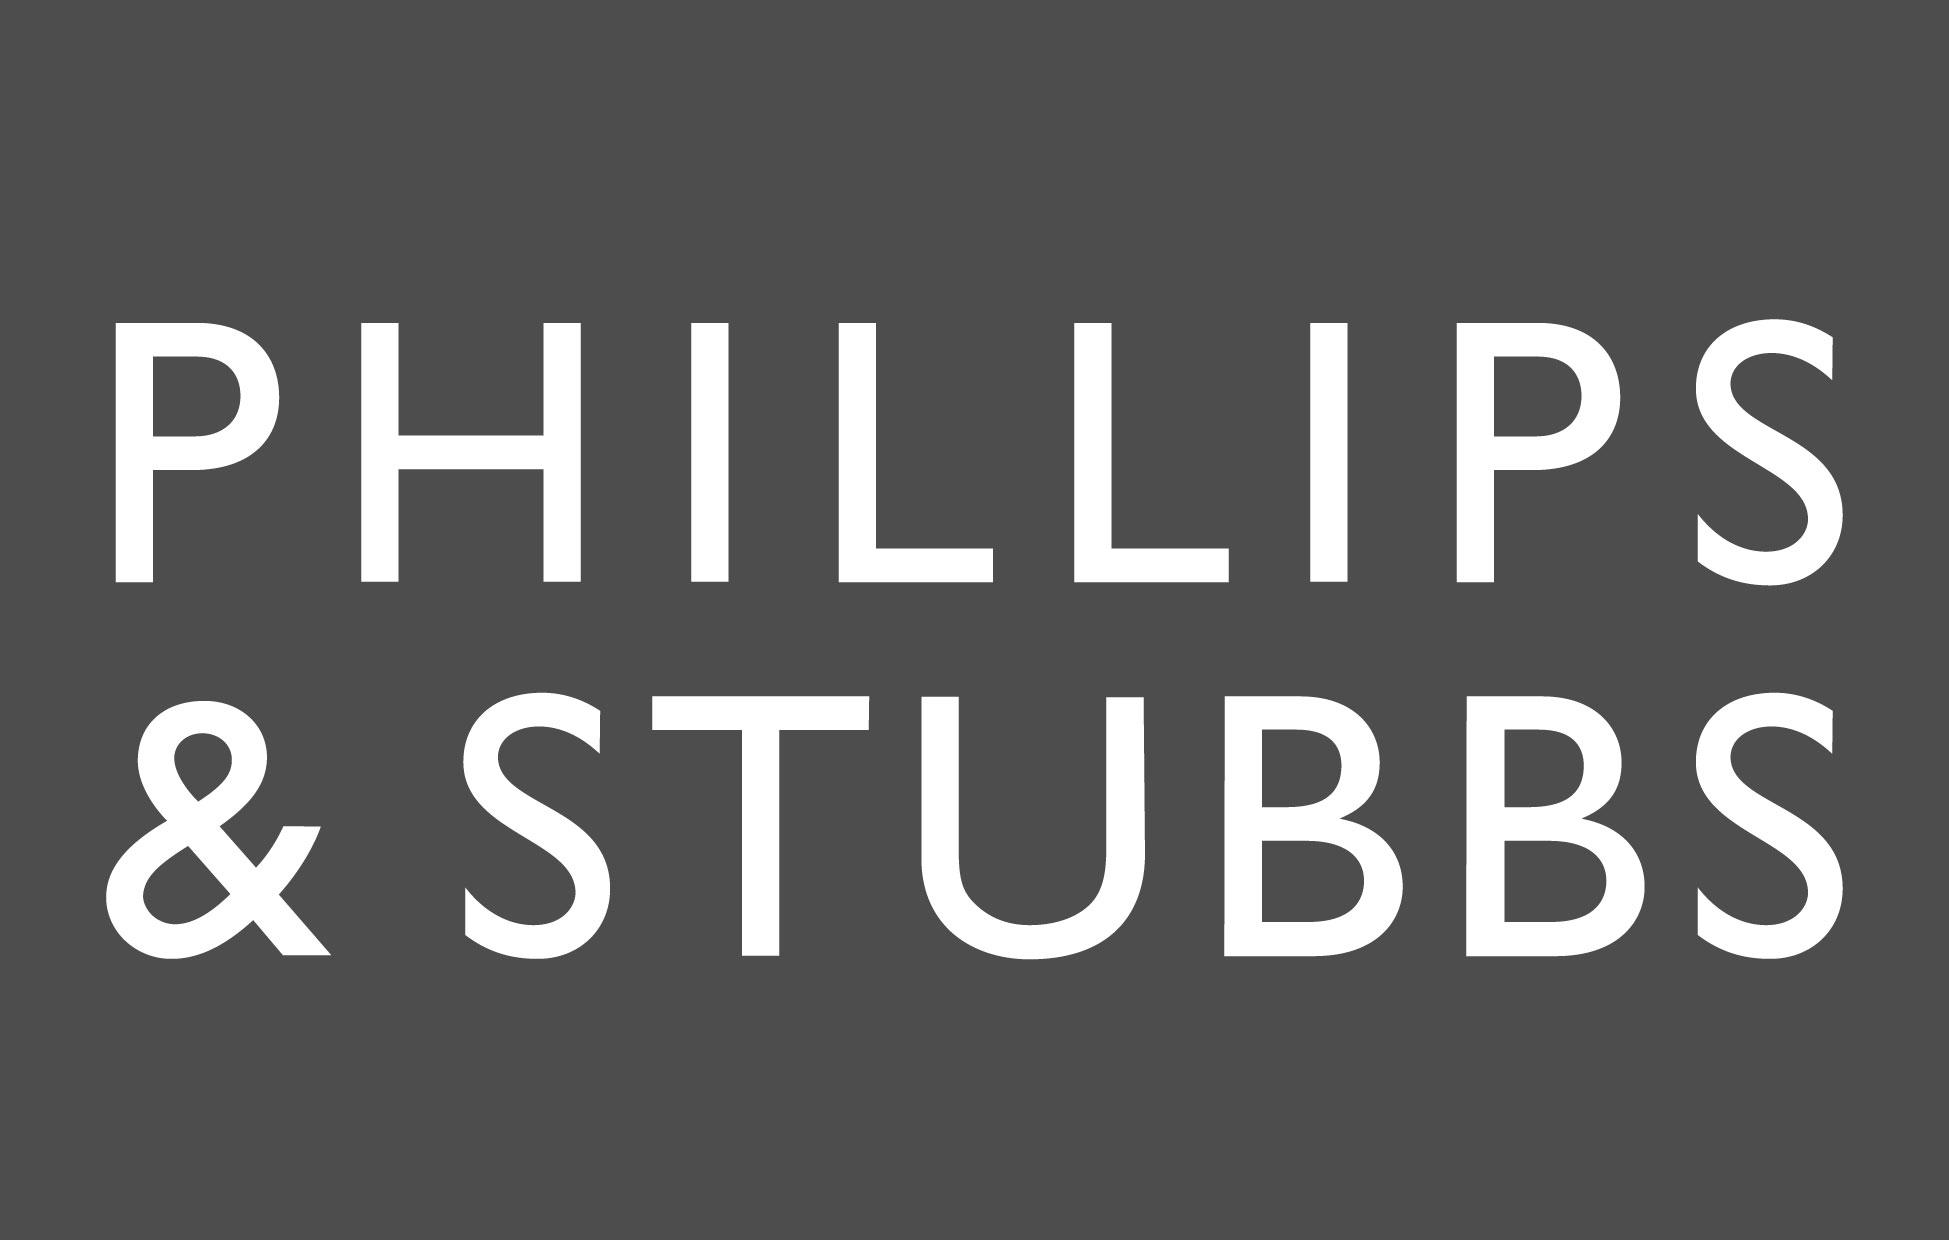 Phillips & Stubbs